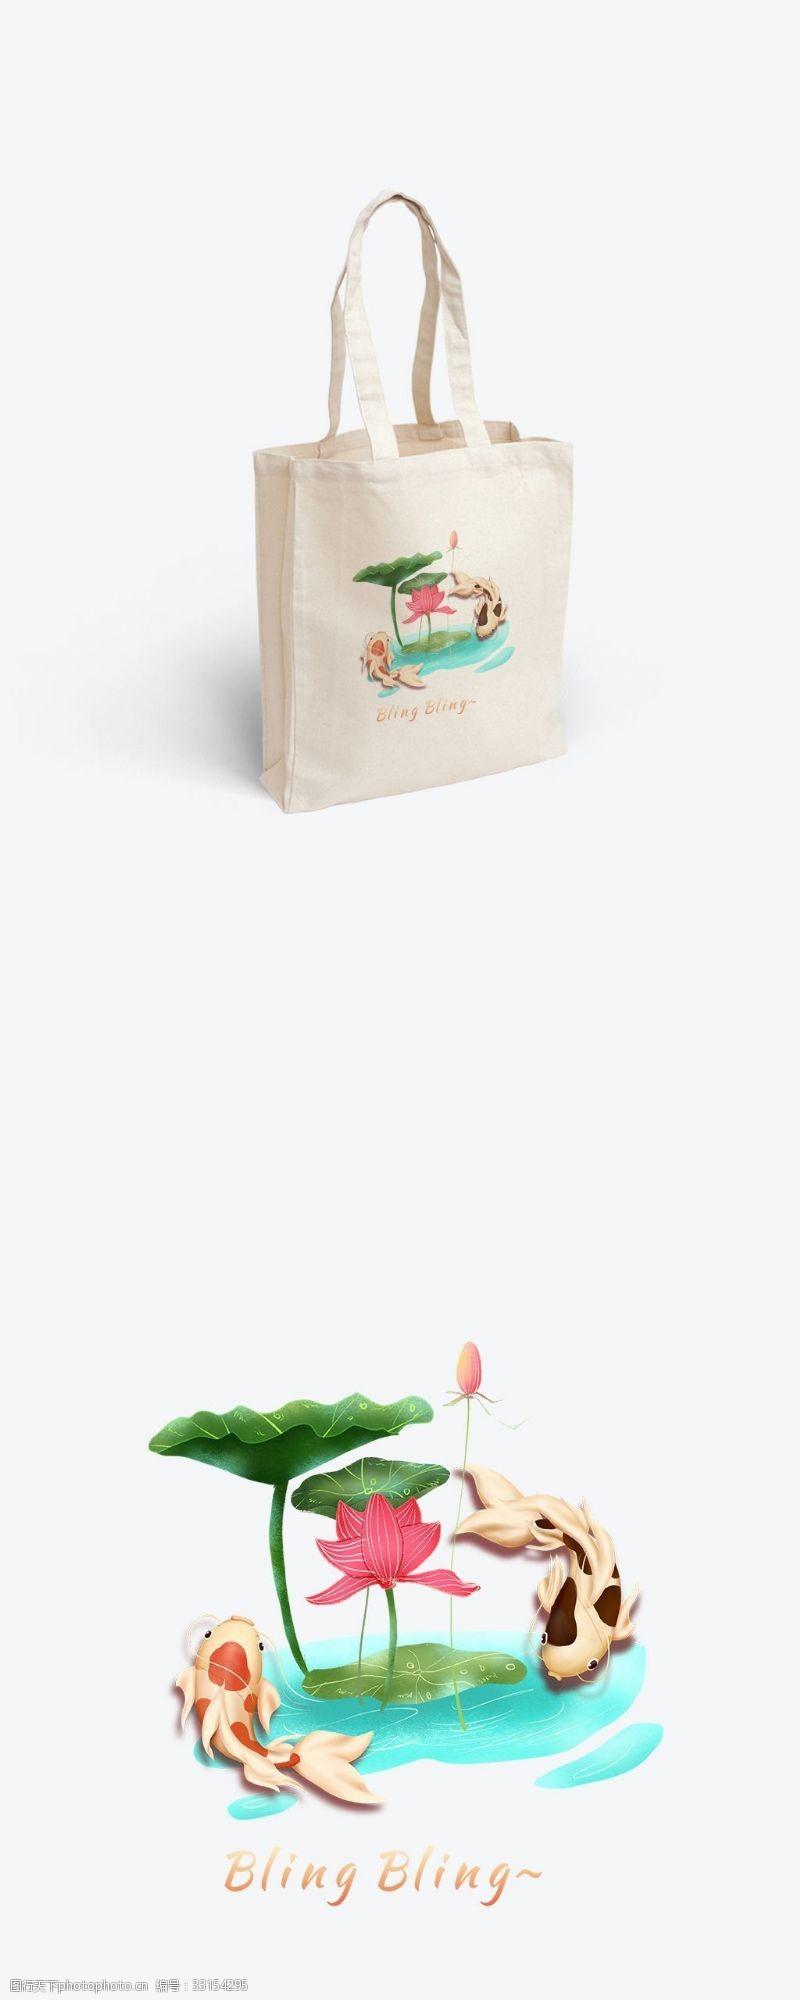 展会手提袋简约时尚锦鲤图案帆布袋设计